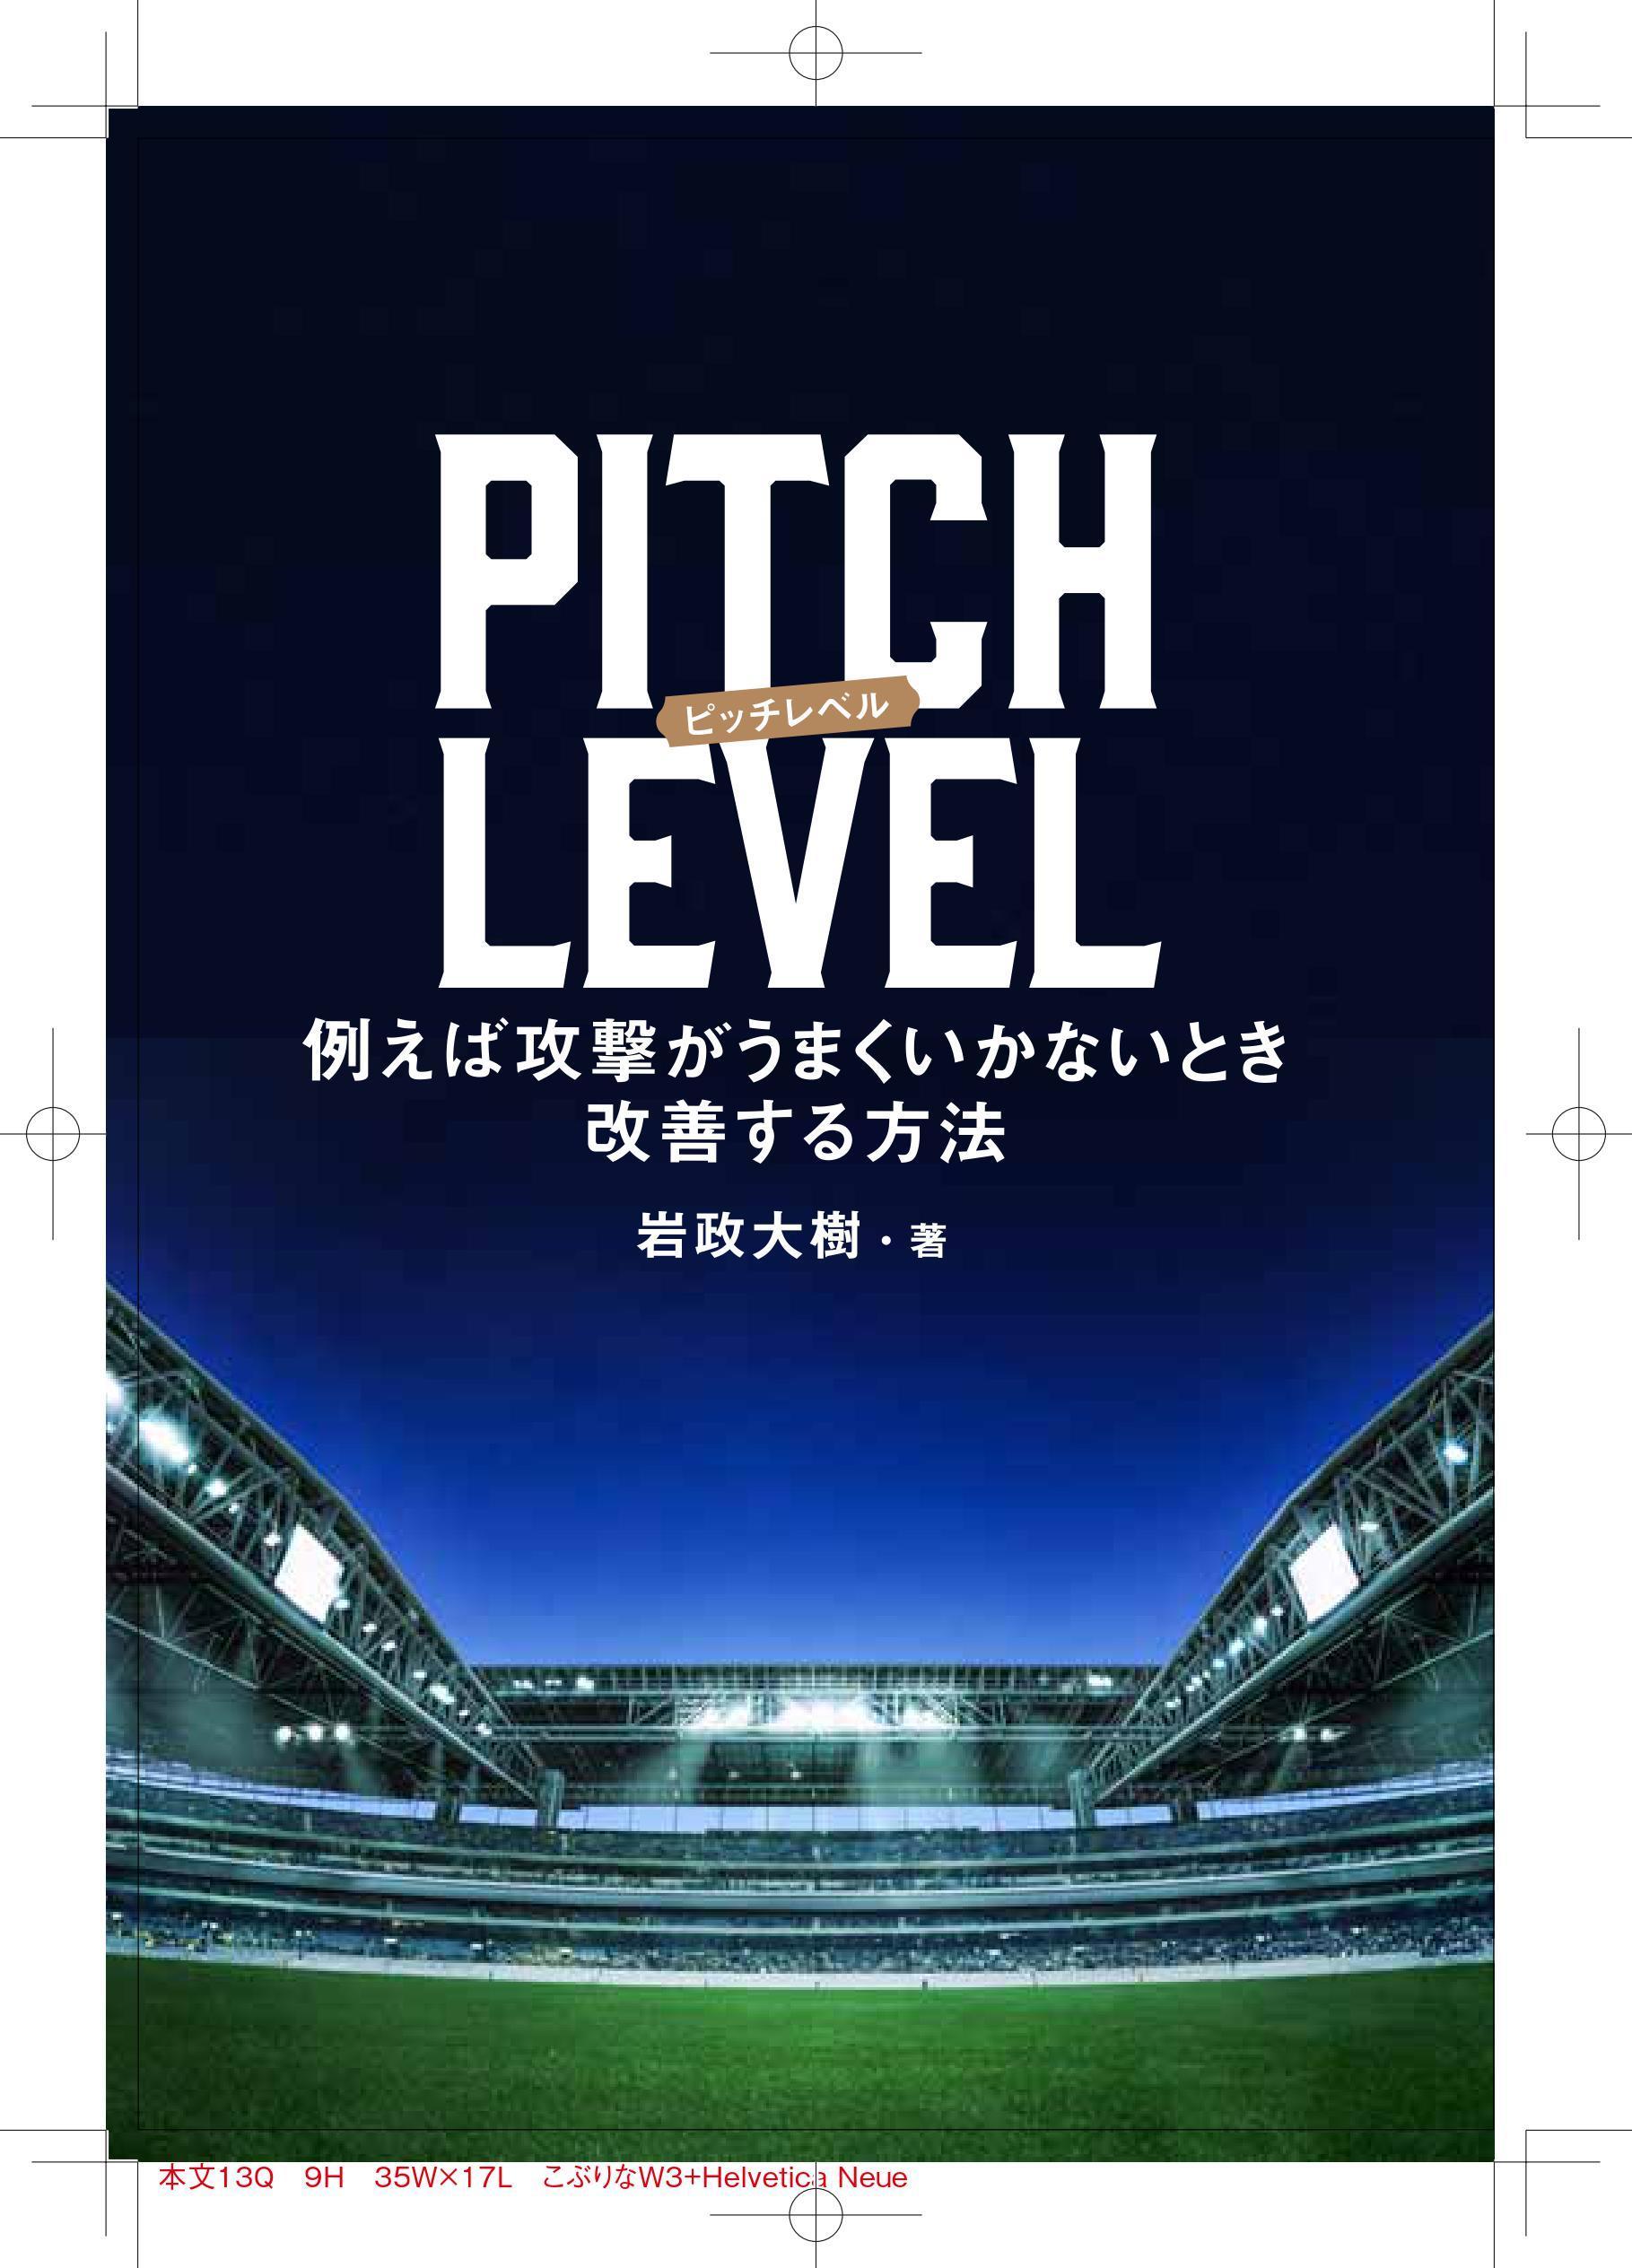 岩政大樹さん「PITCH LEVEL」刊行記念トークショーを岡山で開催